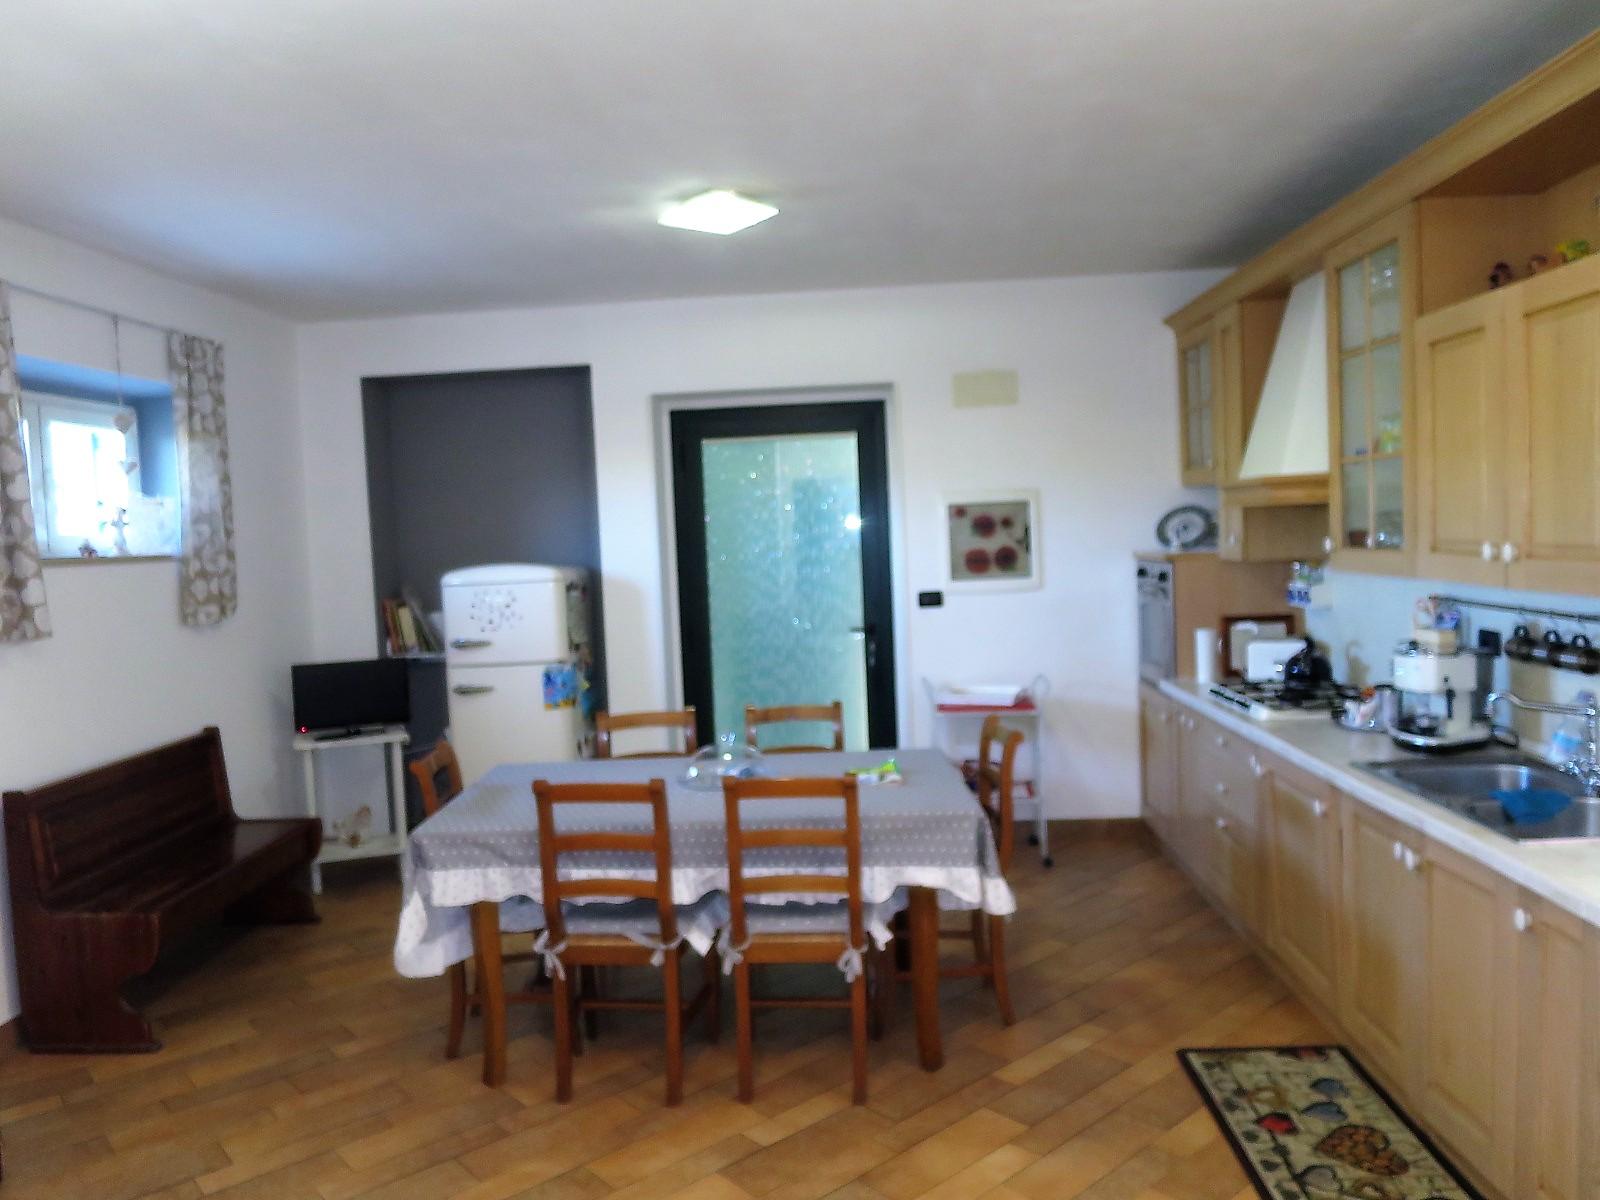 Country Houses Country Houses for sale Montefino (TE), Villa Como - Montefino - EUR 251.198 310